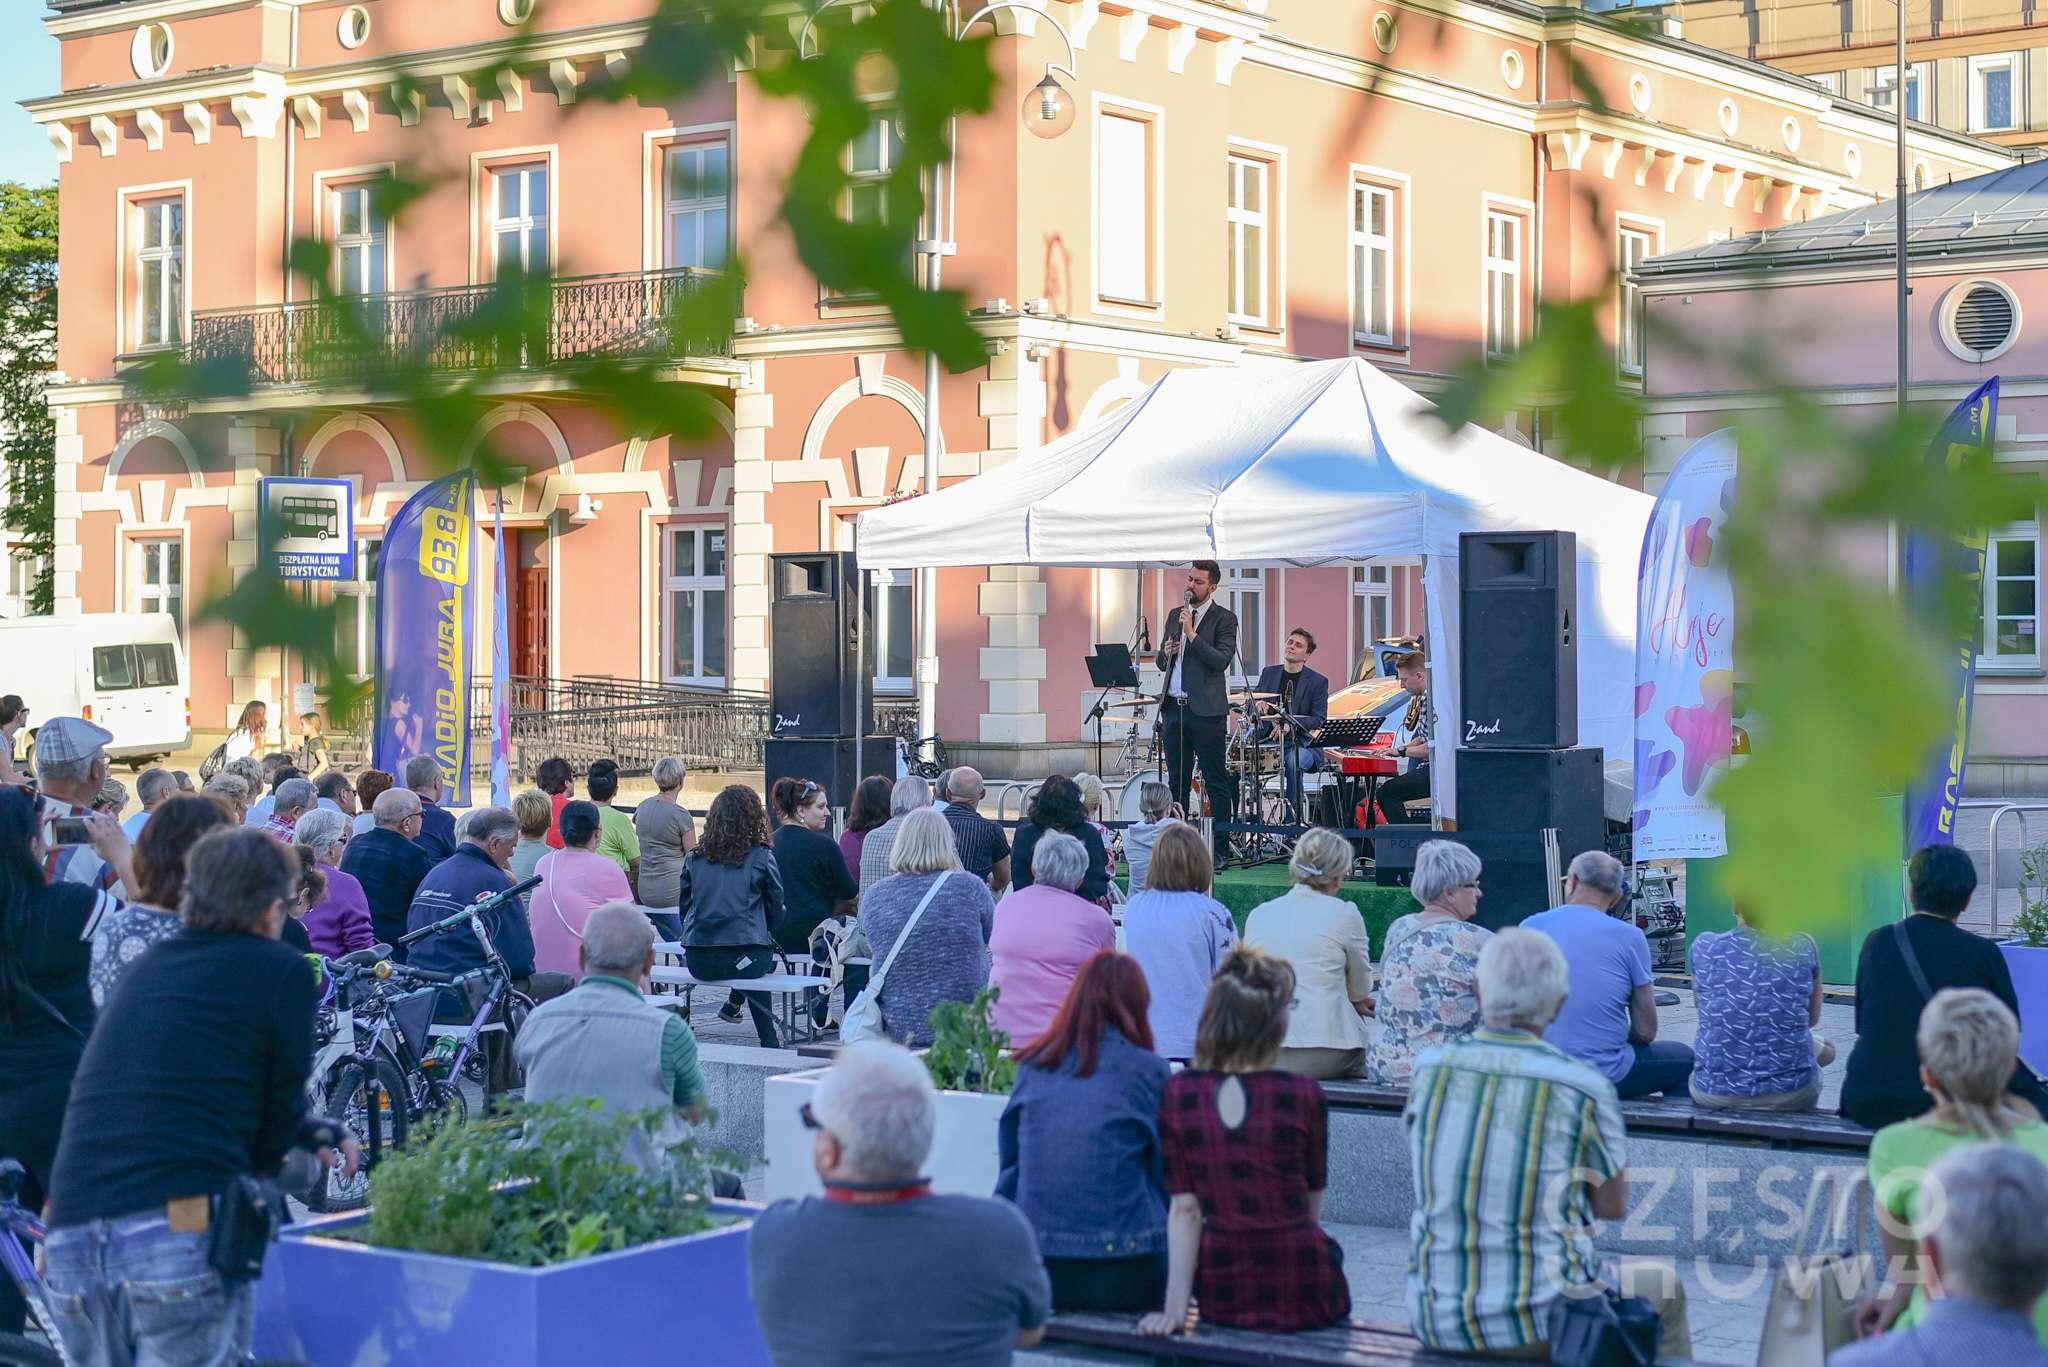 Publiczność zgromadzona na Placu Biegańskiego w trakcie koncertu